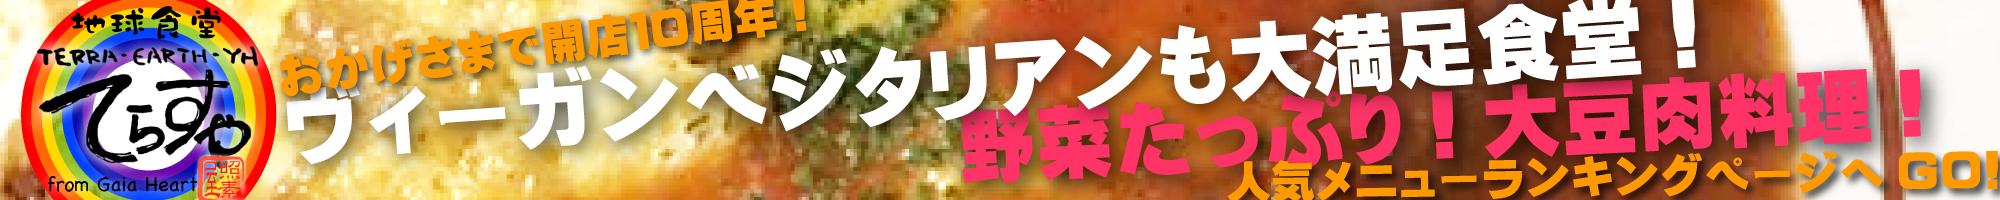 おかげさまで開店10周年 ヴィーガンベジタリアンも大満足食堂 野菜たっぷり 大豆肉料理 人気メニューランキングページへGO